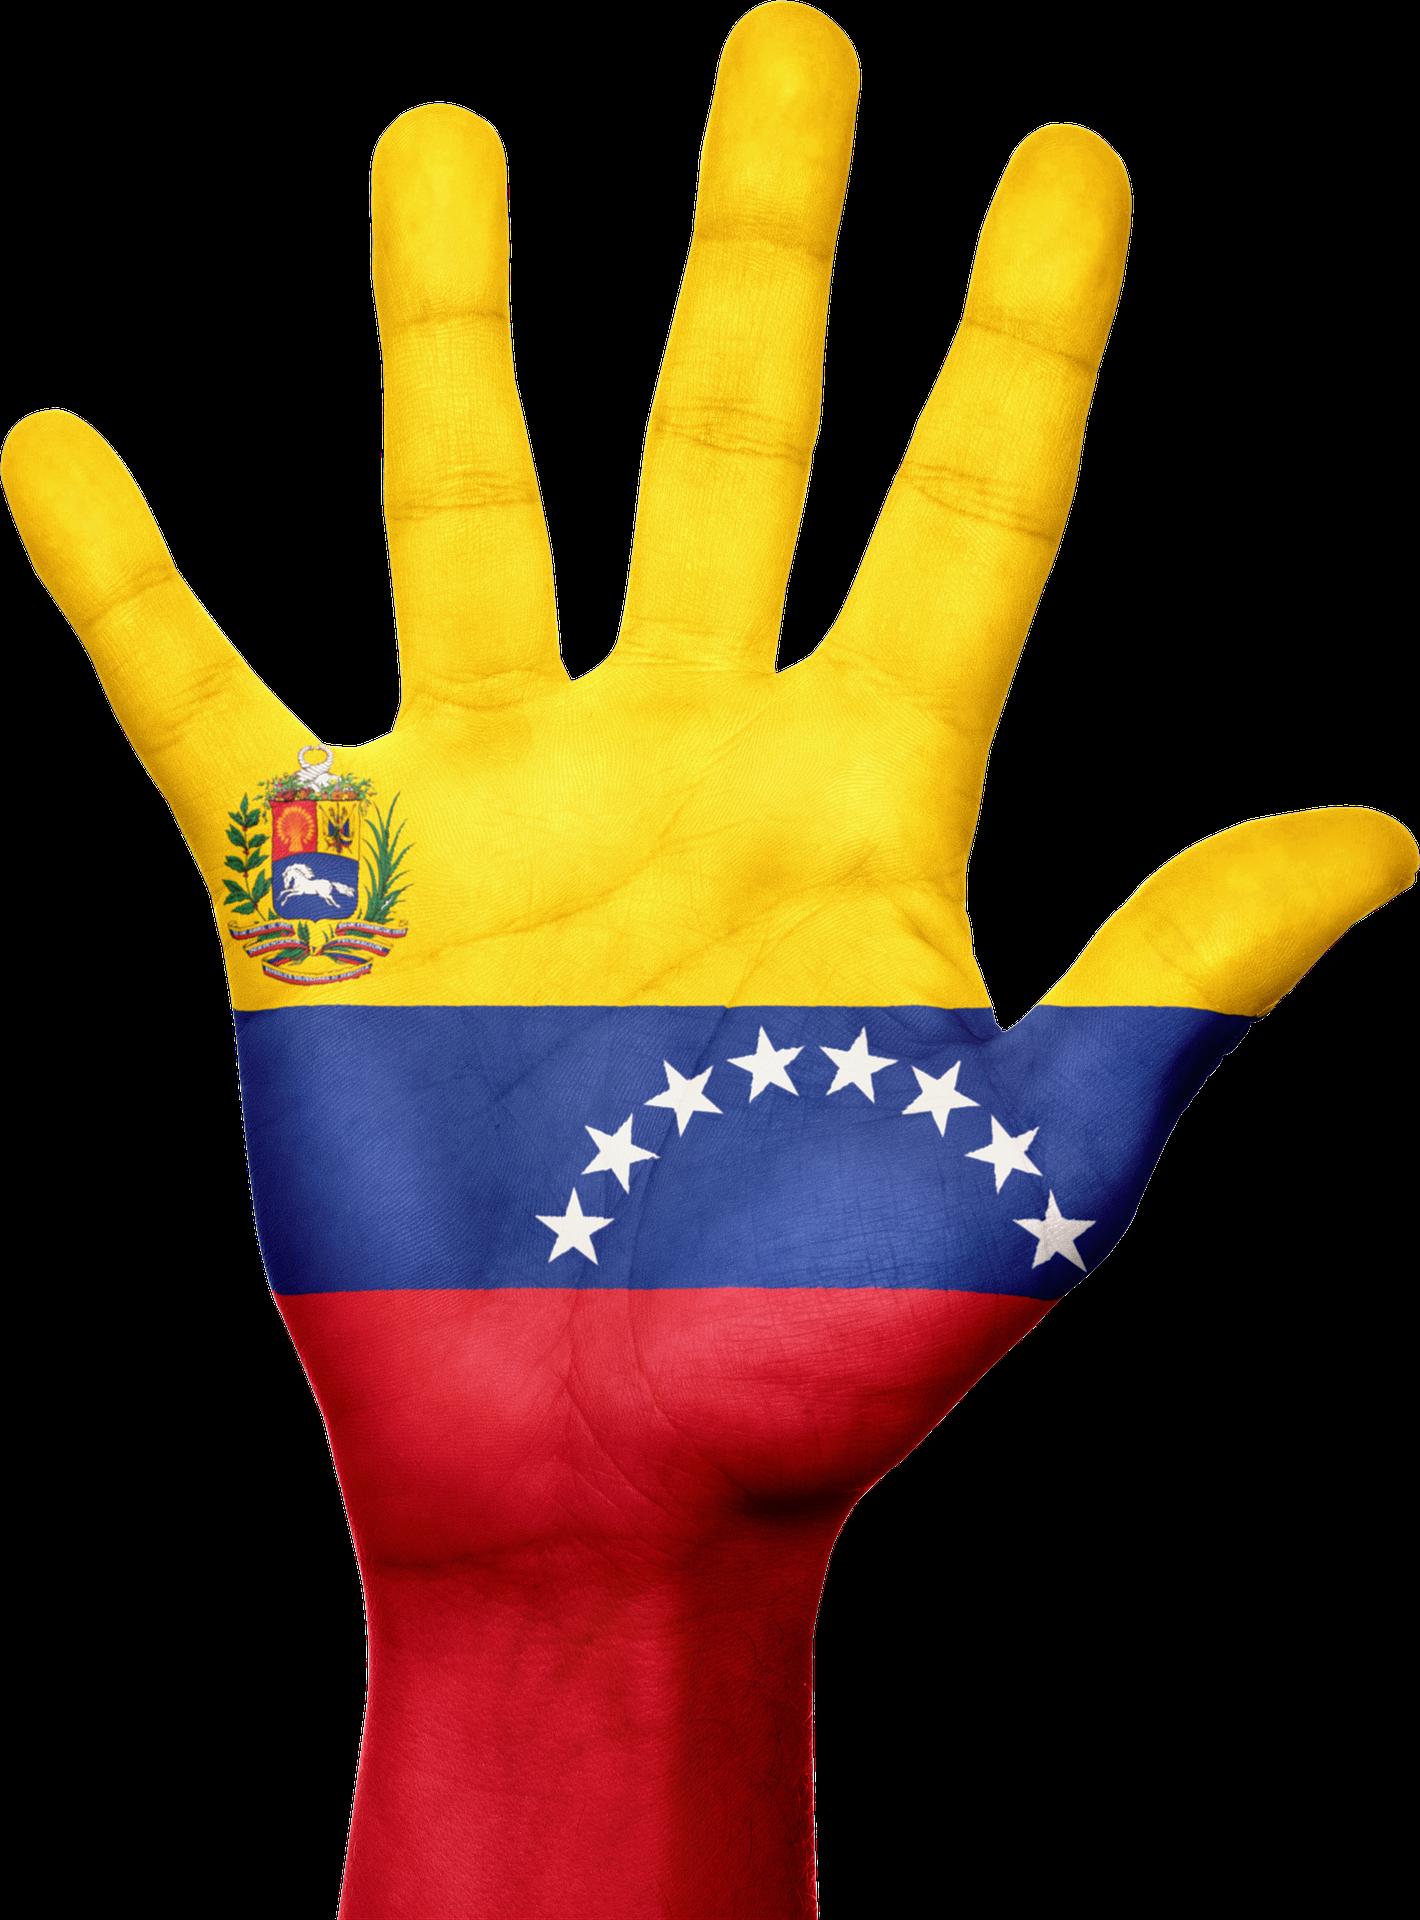 Prosecuting Dictators: The Indictment of Nicolas Maduro